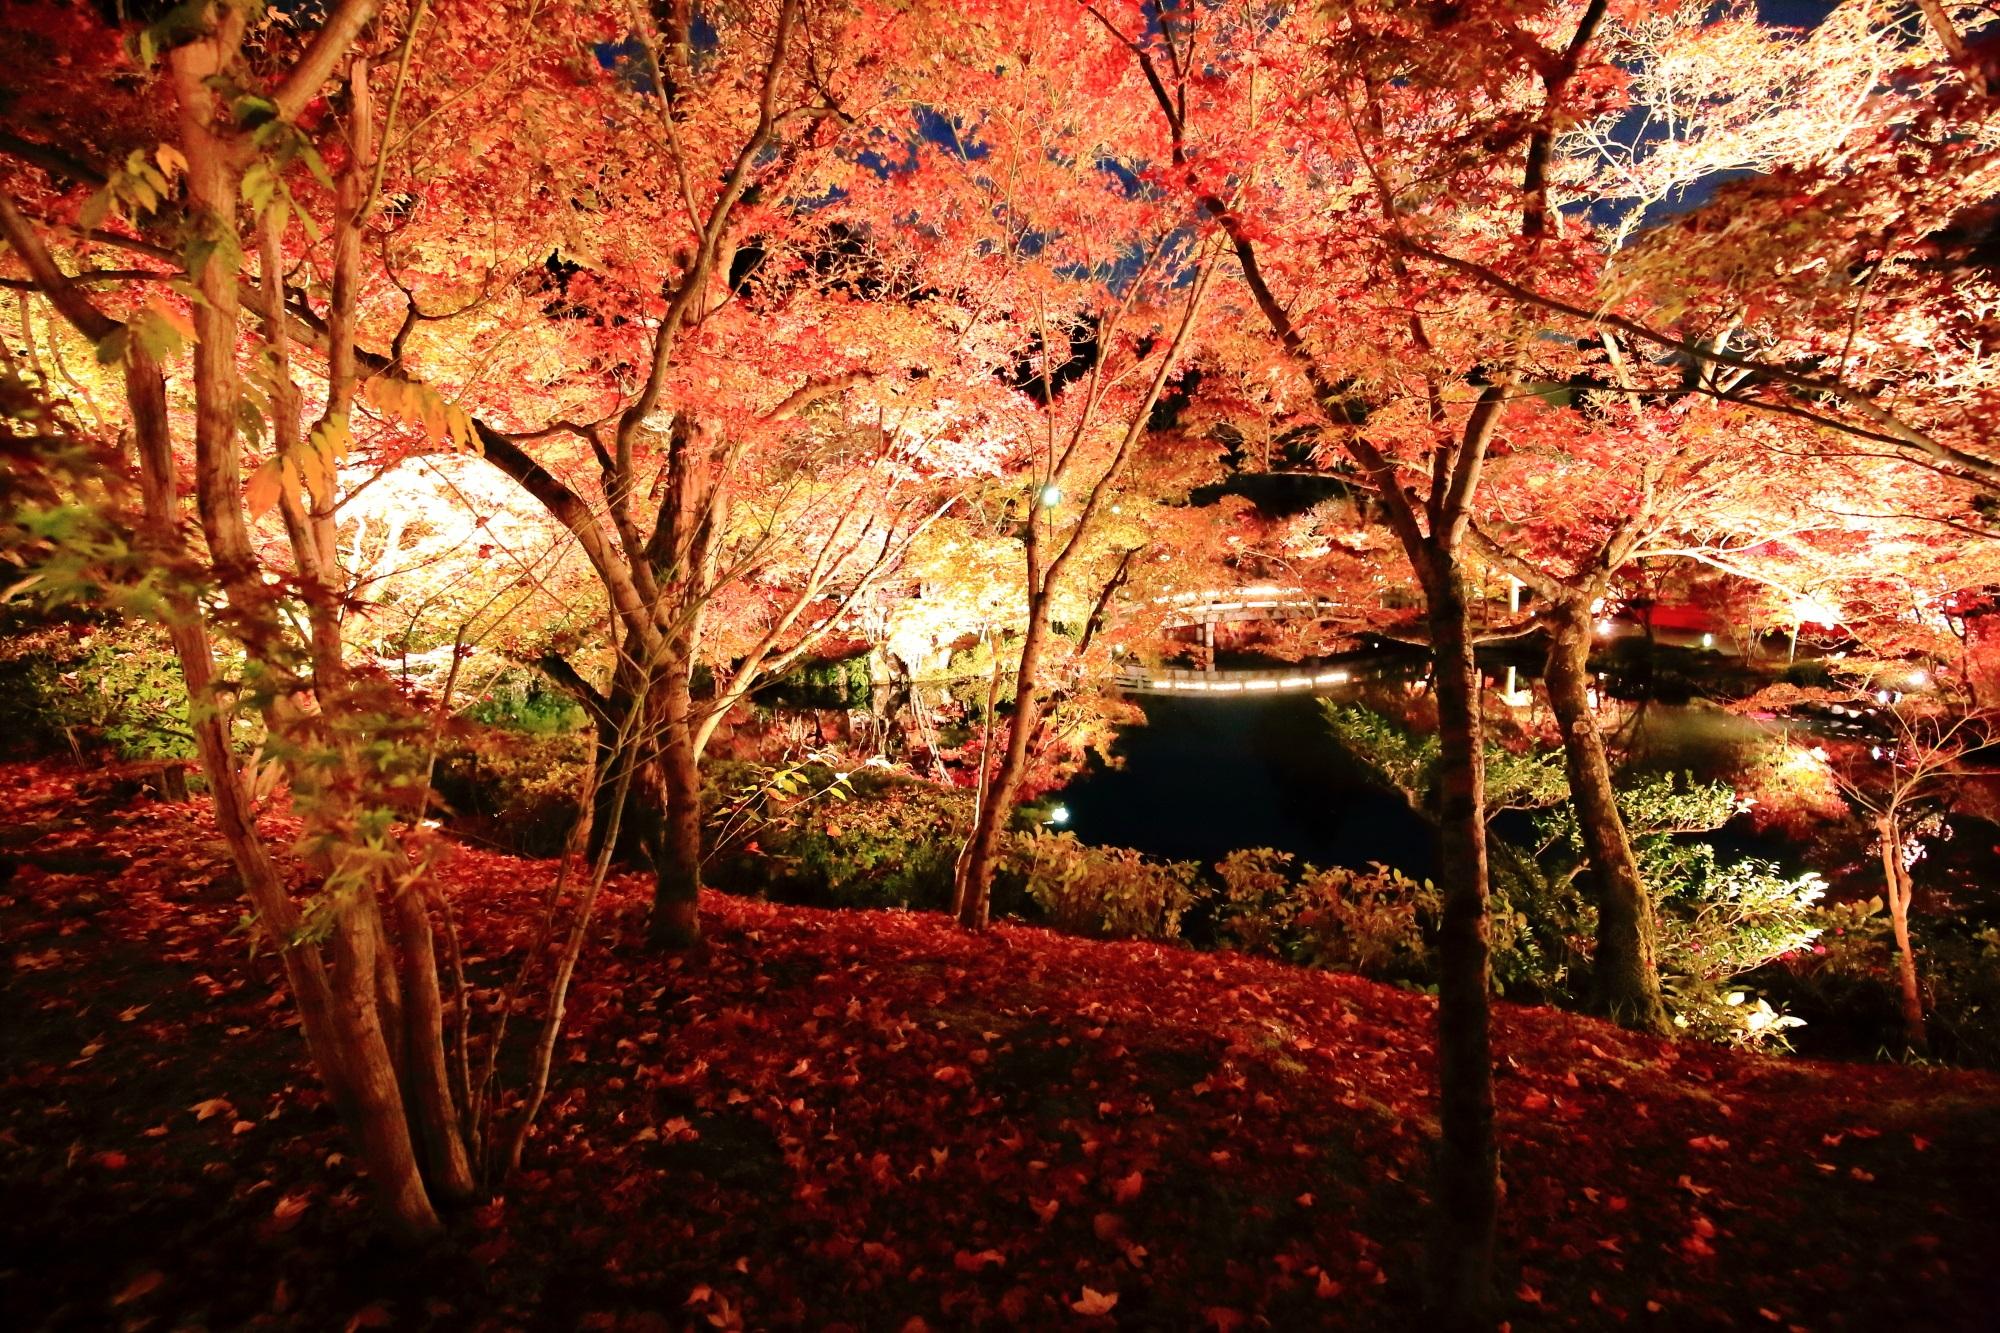 永観堂の放生池の鮮やかな紅葉と散りもみじ